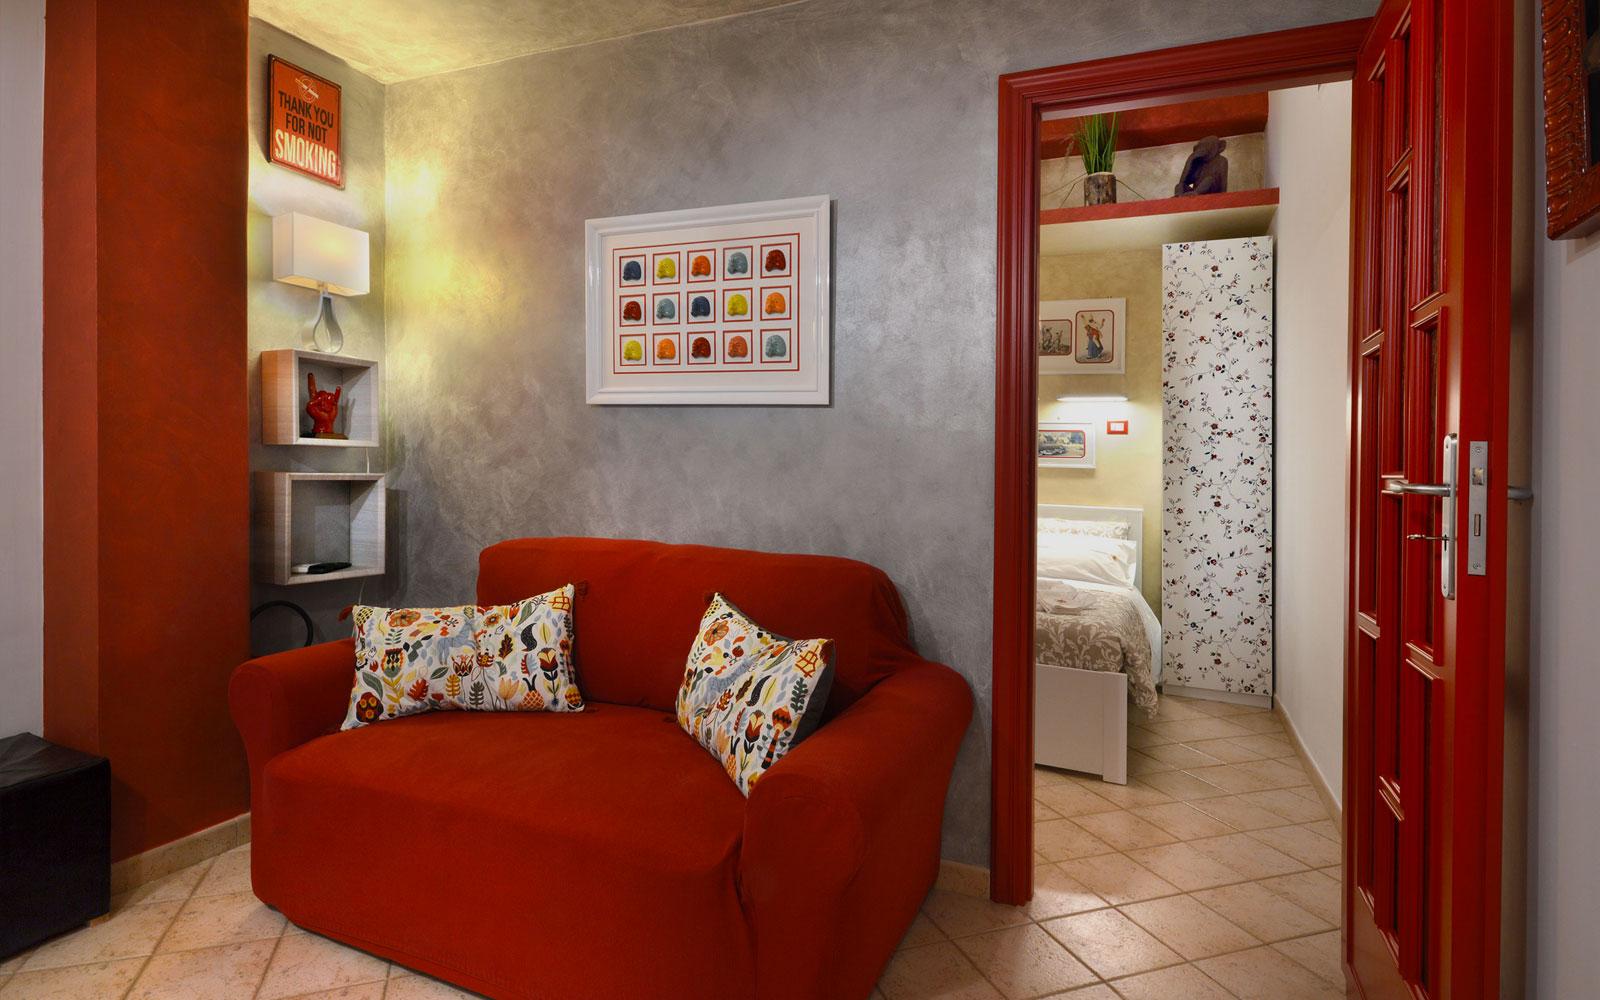 Casa cirella case vacanze napoli matilde serao for Appartamenti arredati napoli